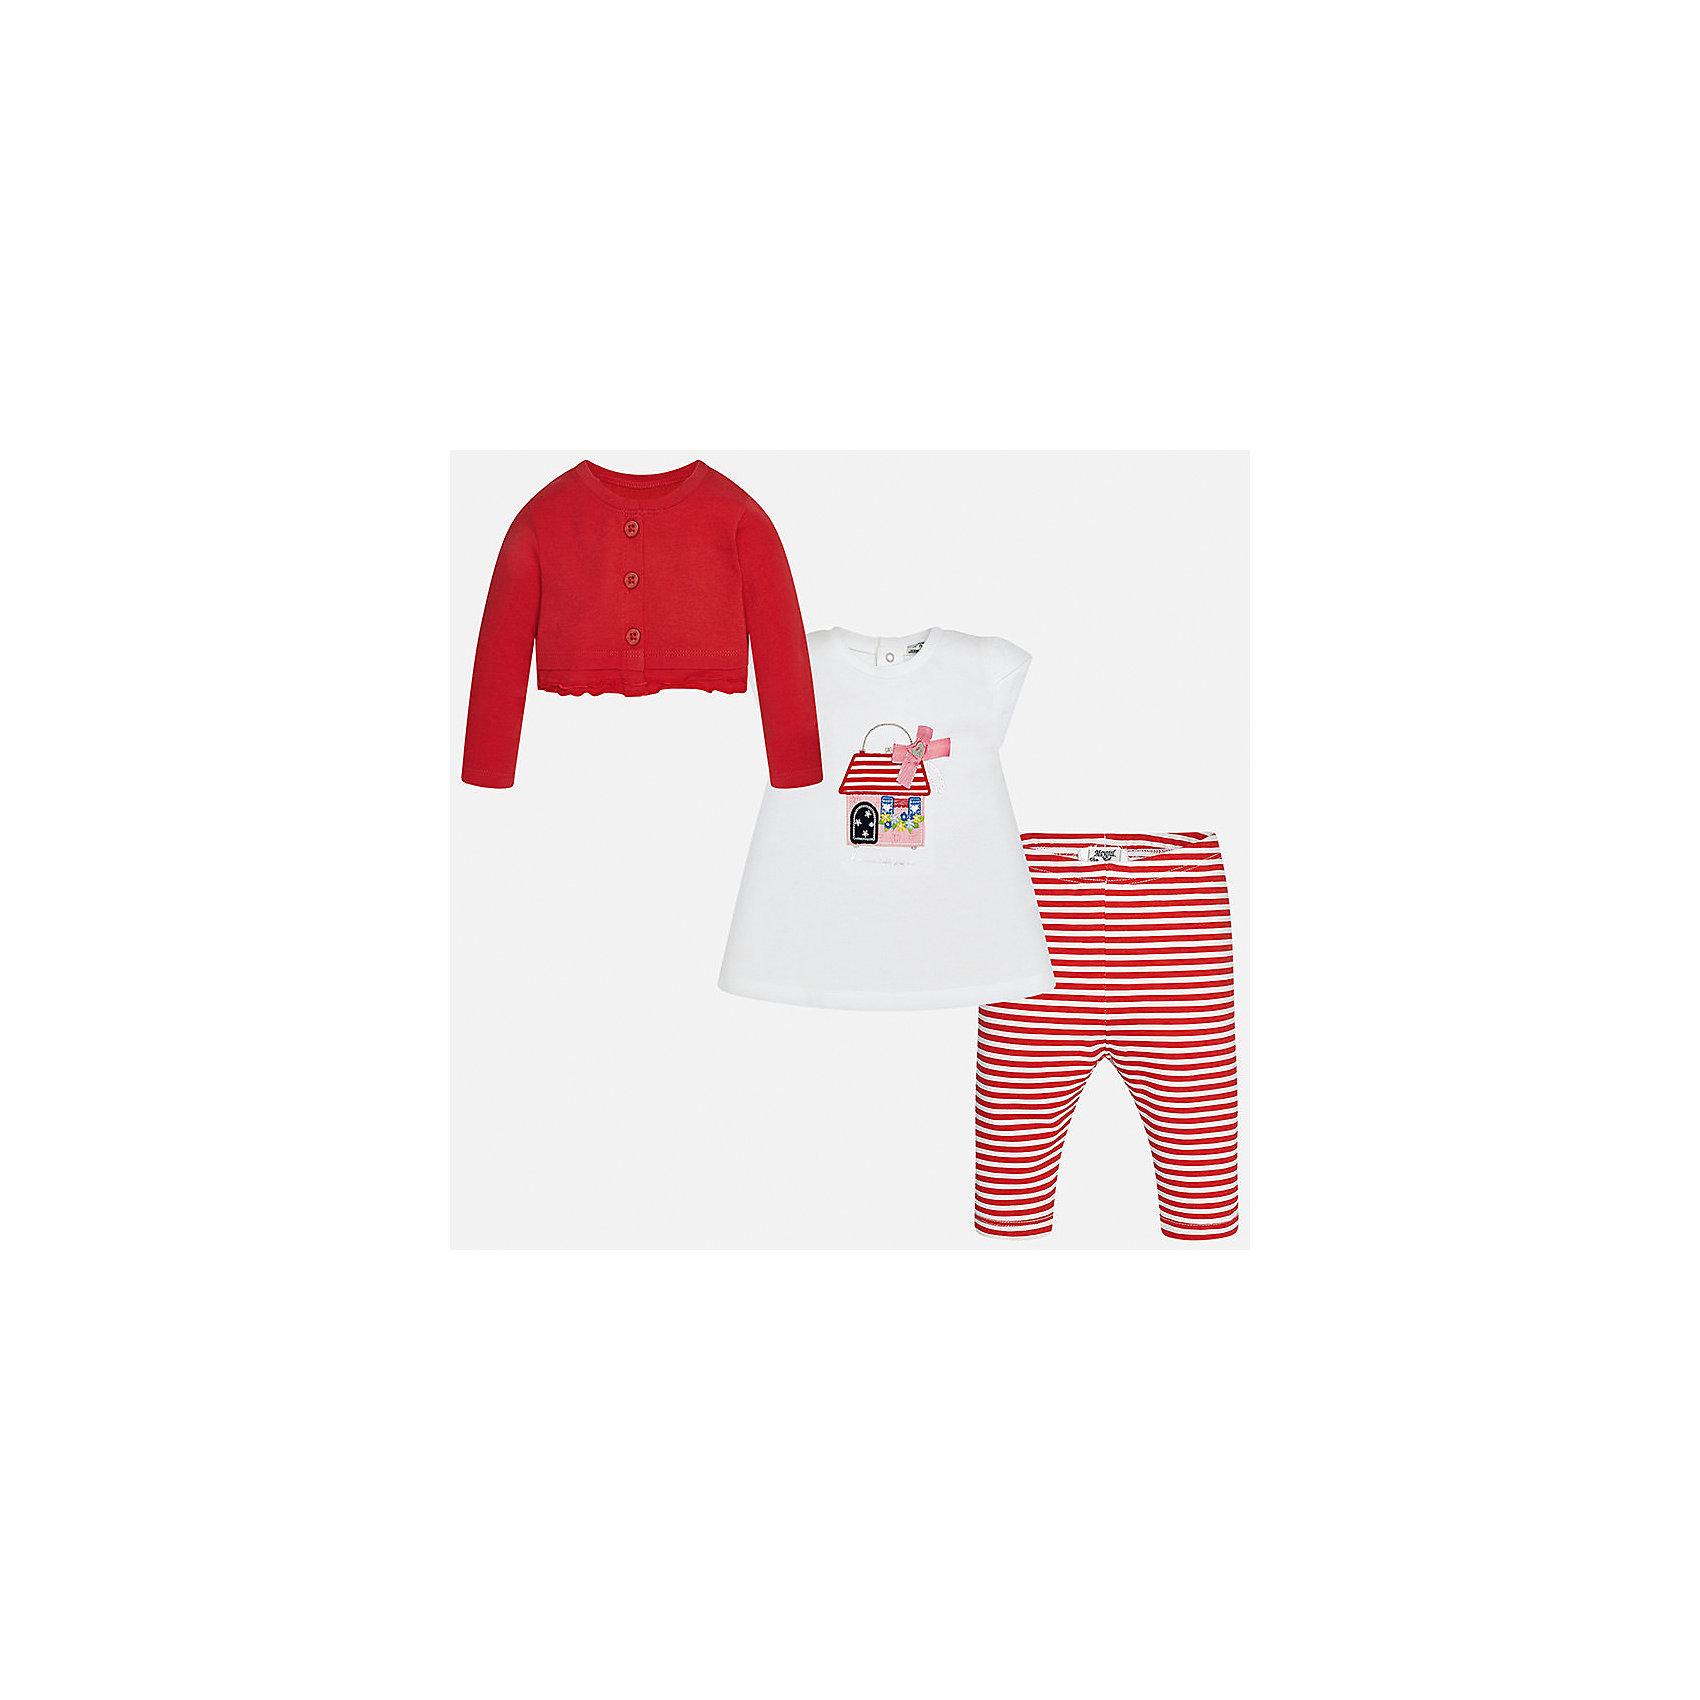 Комплект: футбола с длинным рукавом и леггинсы для девочки MayoralКомплекты<br>Комплект: футбола с длинным рукавом и леггинсы для девочки от известной испанской марки Mayoral.<br><br>Ширина мм: 123<br>Глубина мм: 10<br>Высота мм: 149<br>Вес г: 209<br>Цвет: красный<br>Возраст от месяцев: 18<br>Возраст до месяцев: 24<br>Пол: Женский<br>Возраст: Детский<br>Размер: 92,74,80,86<br>SKU: 5289097